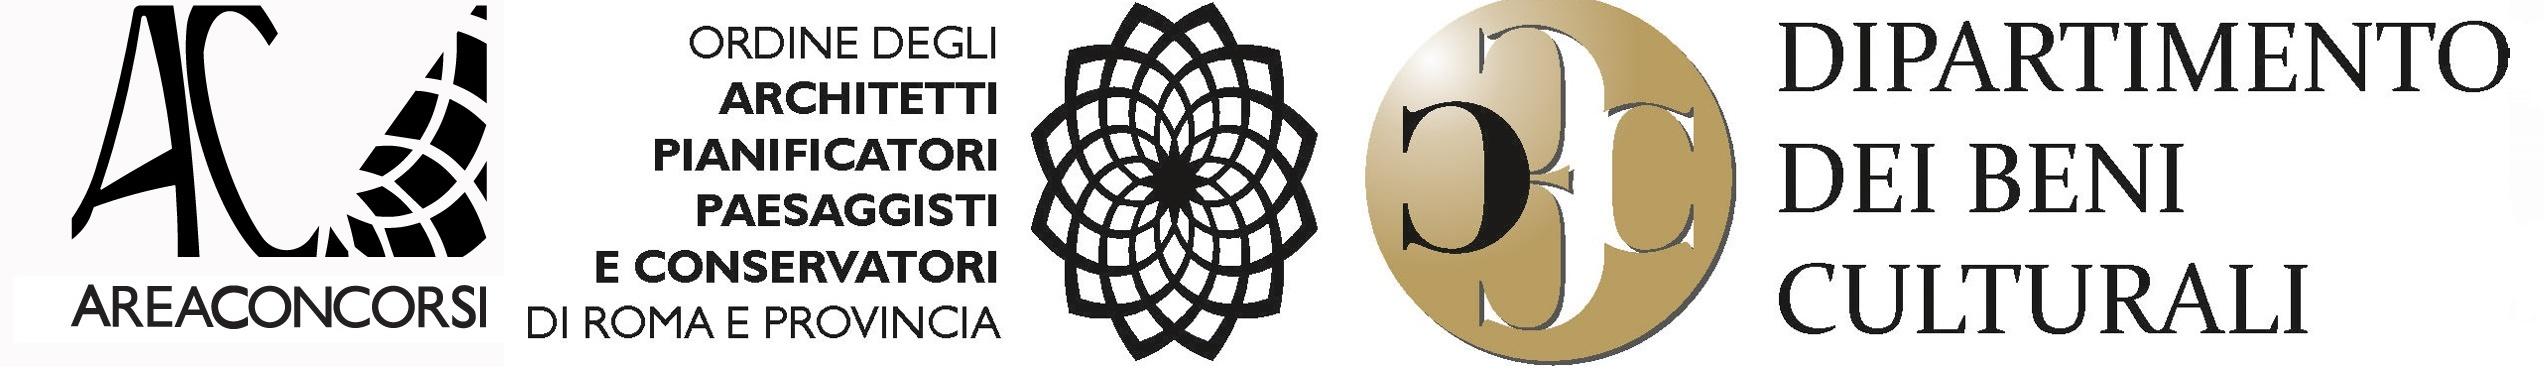 logo AC+OAR+CB_2